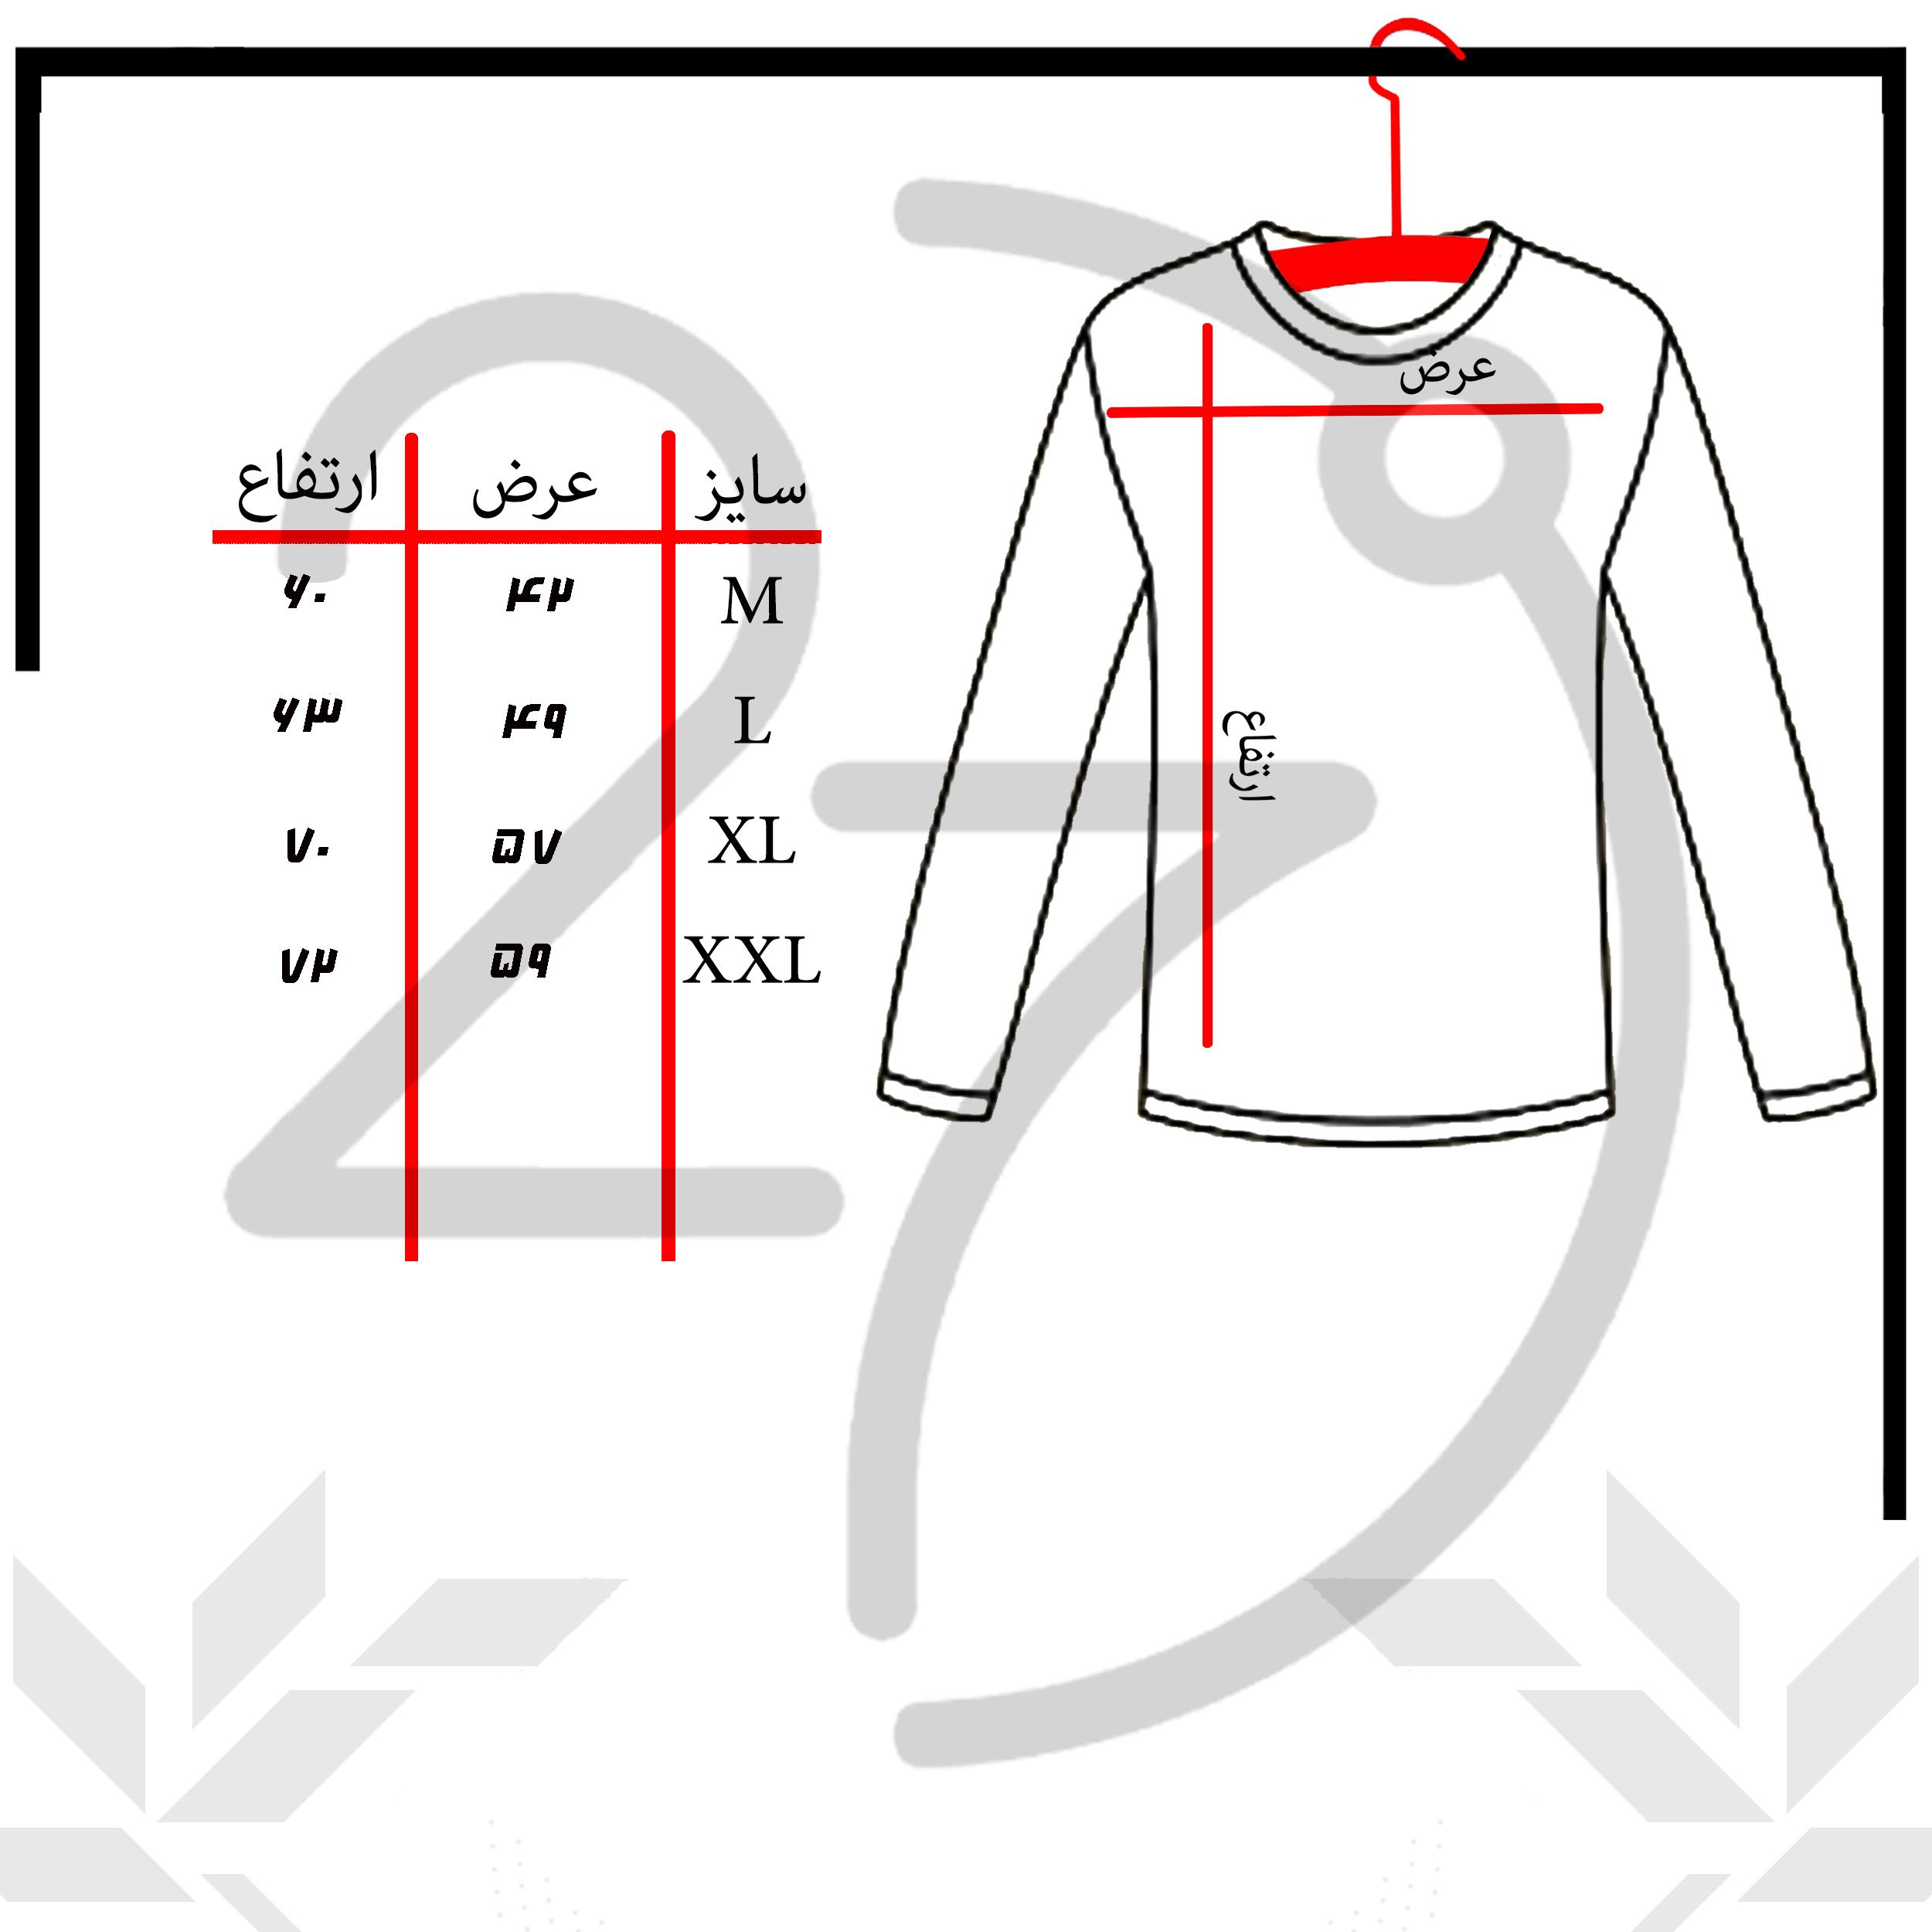 تی شرت آستین بلند زنانه 27 مدل Fashion Girl کد B131